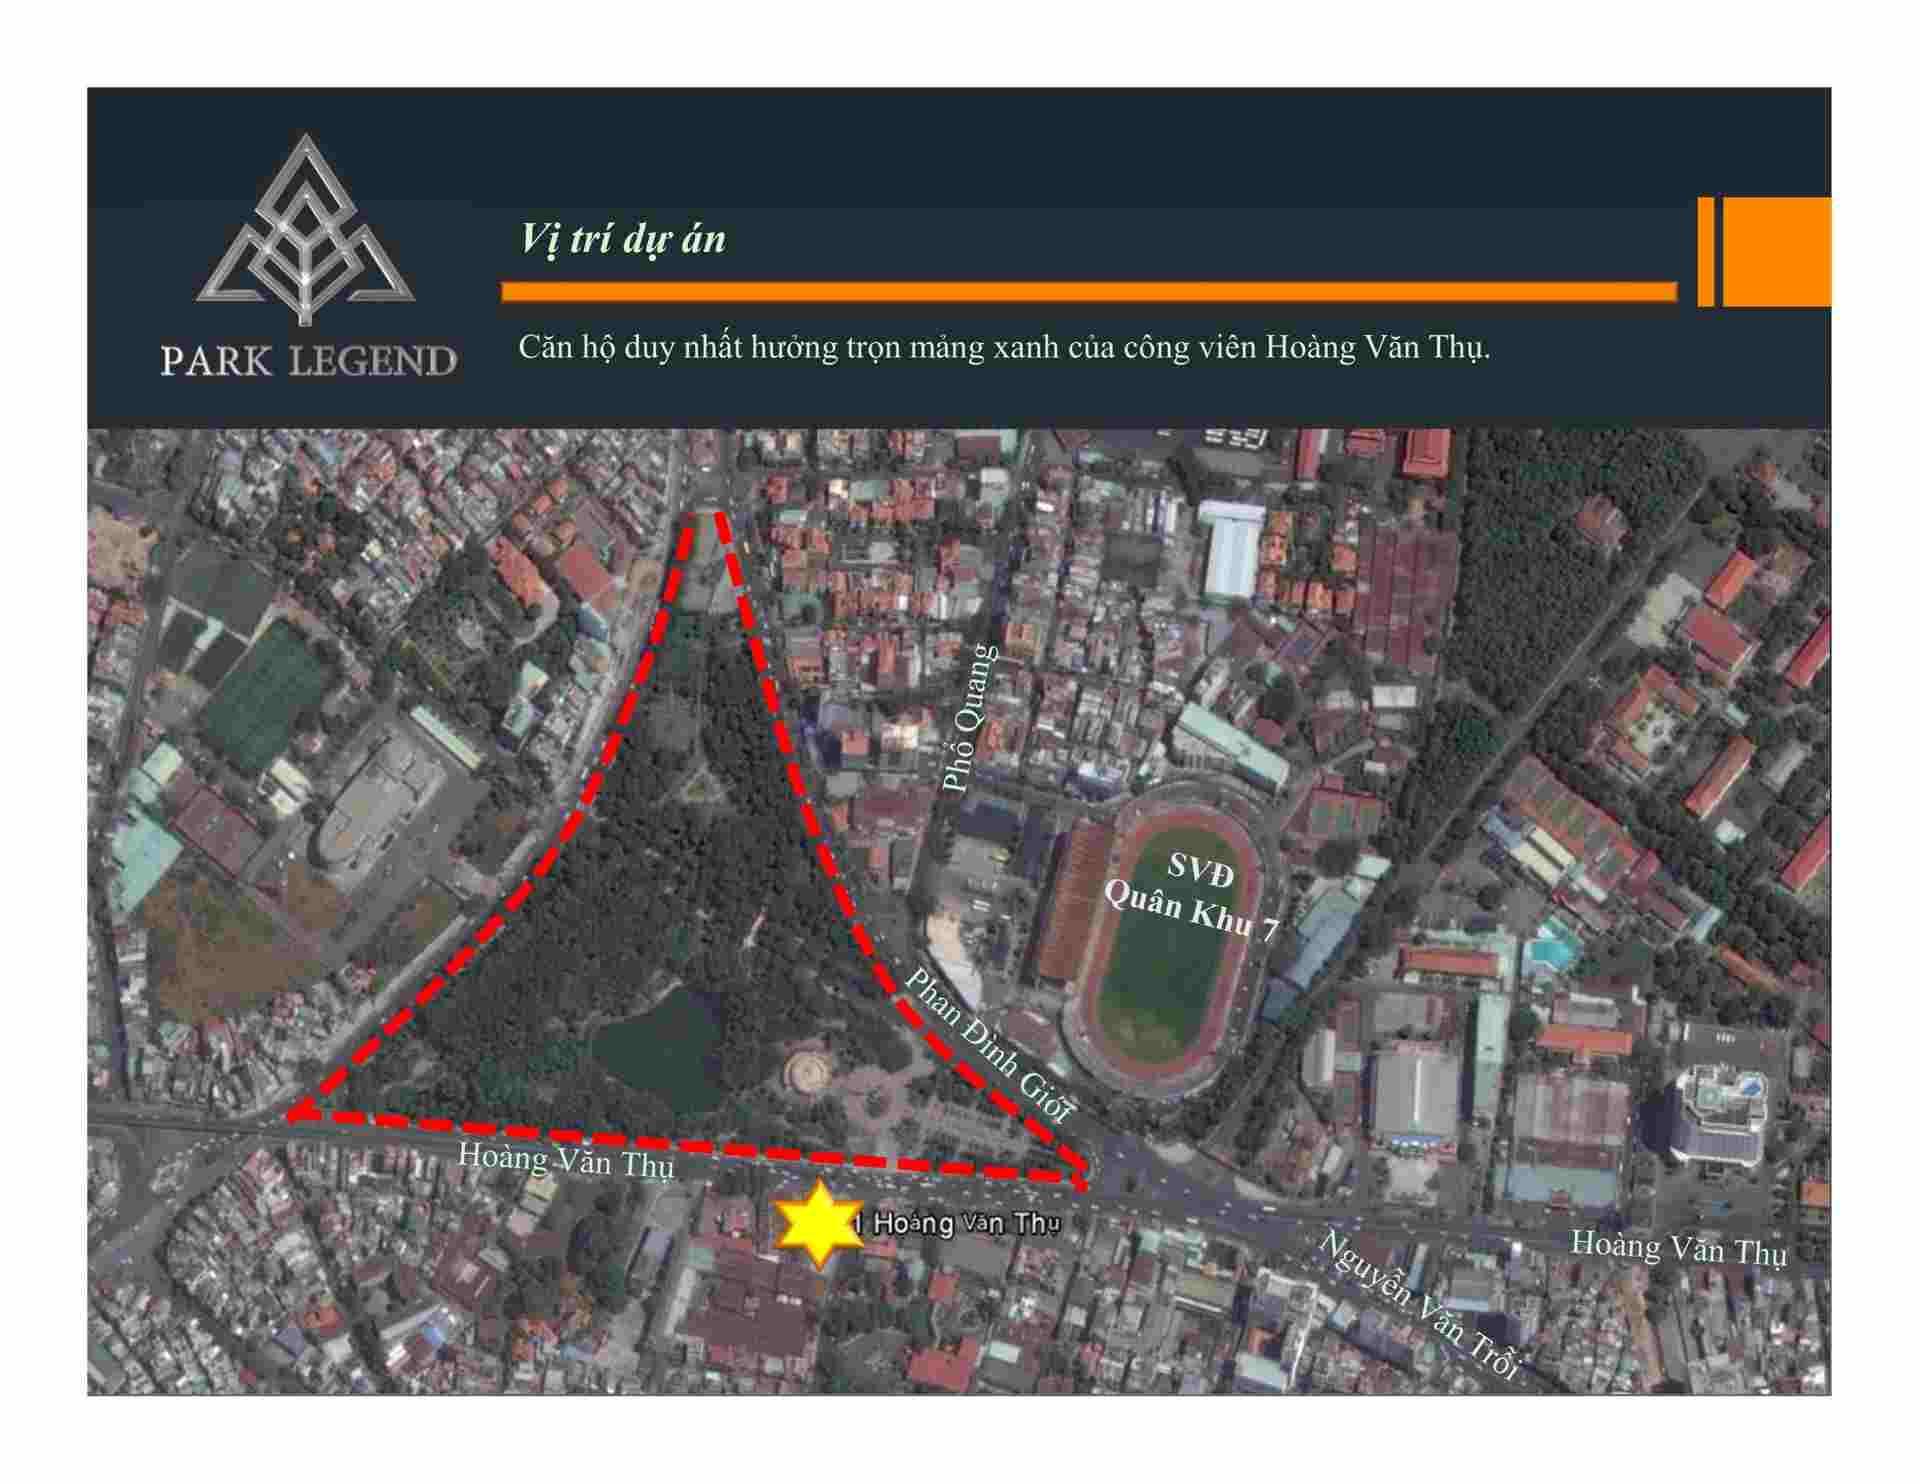 Park Legend Hoàng Văn Thụ Tân Bình - Vị trí Tổng thể dự án căn hộ -compressed